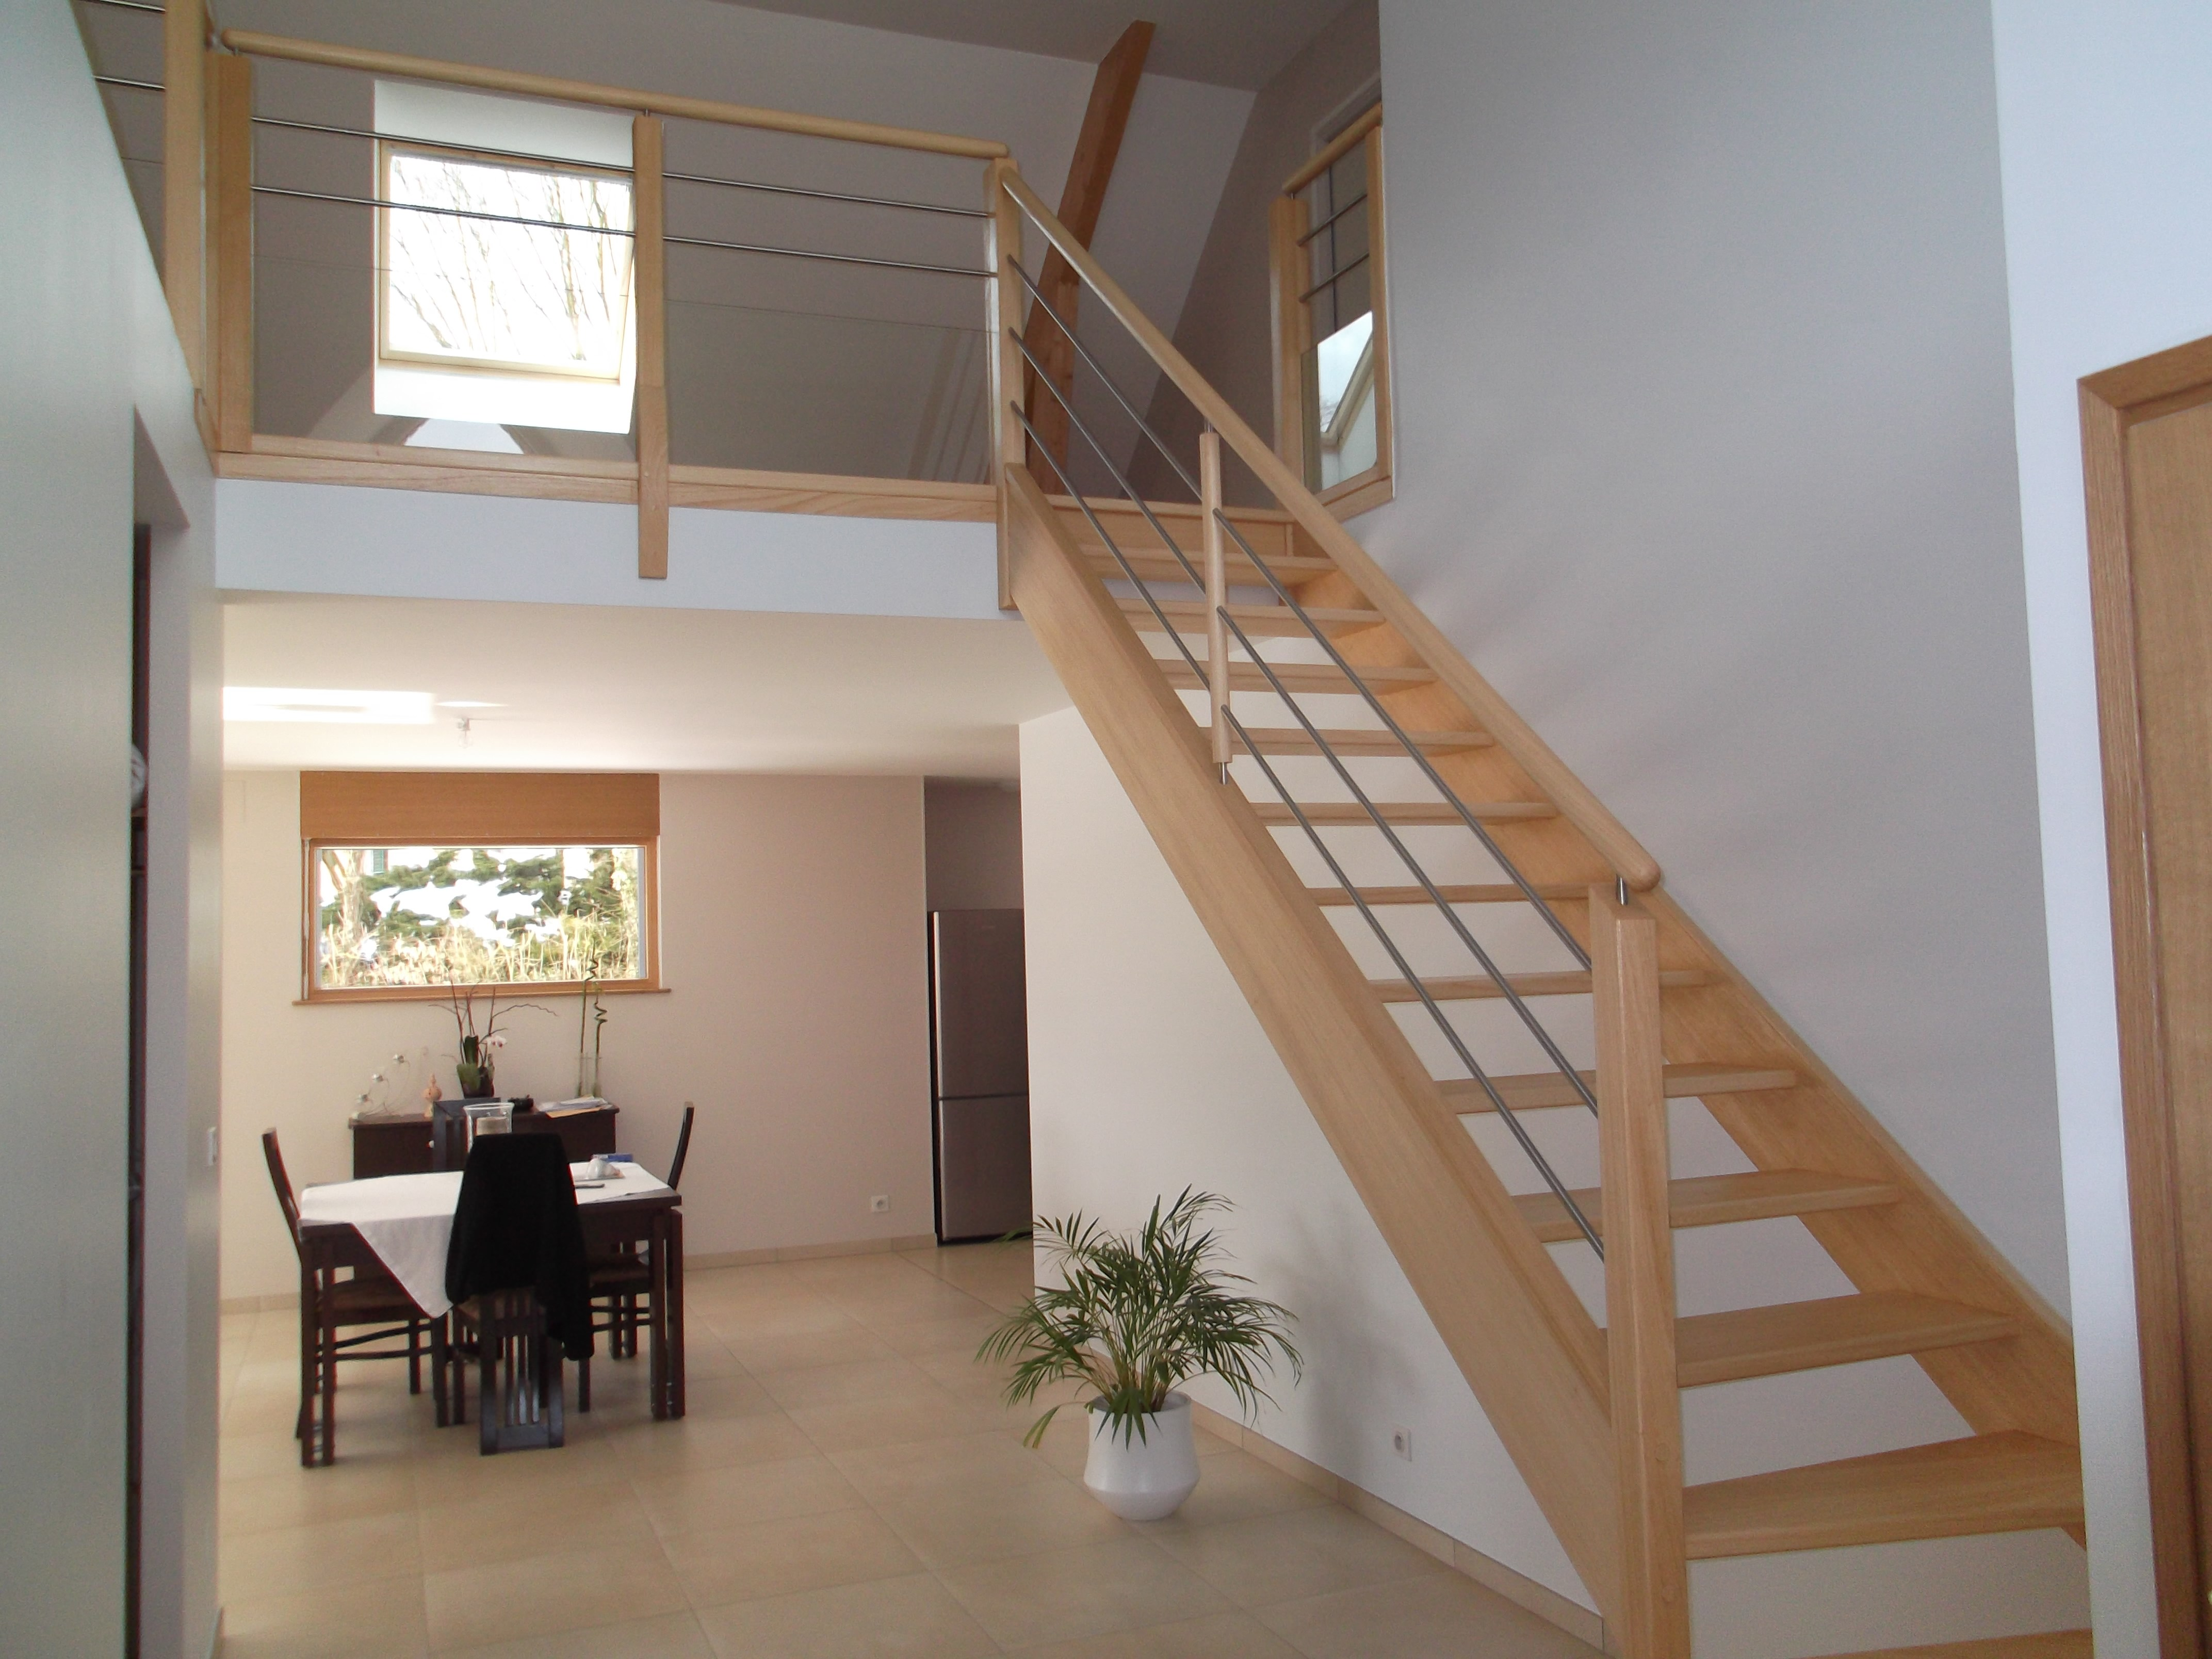 Bien pr senter l int rieur d un bien immobilier avant de for Construction escalier interieur